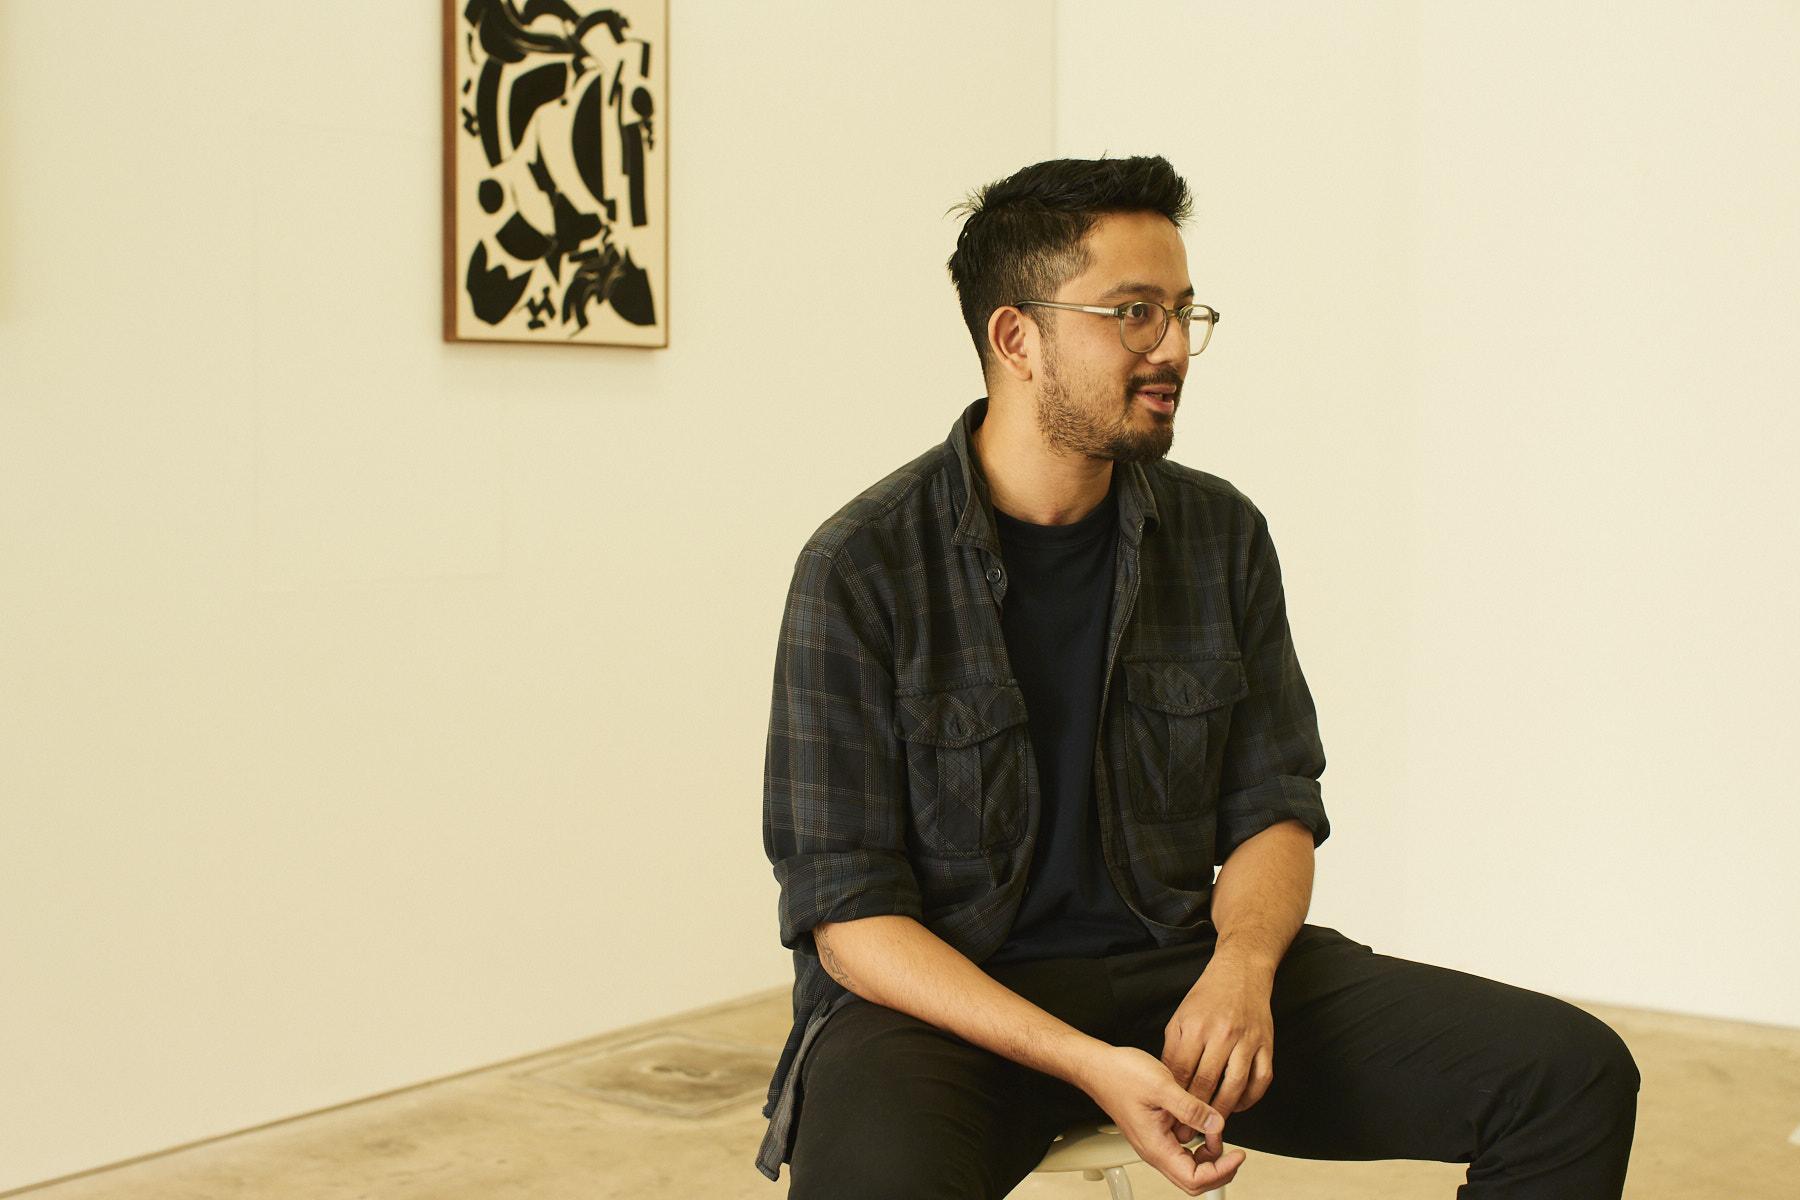 気鋭の画家、ショーン・クルネルが<br>日本初の個展を開催